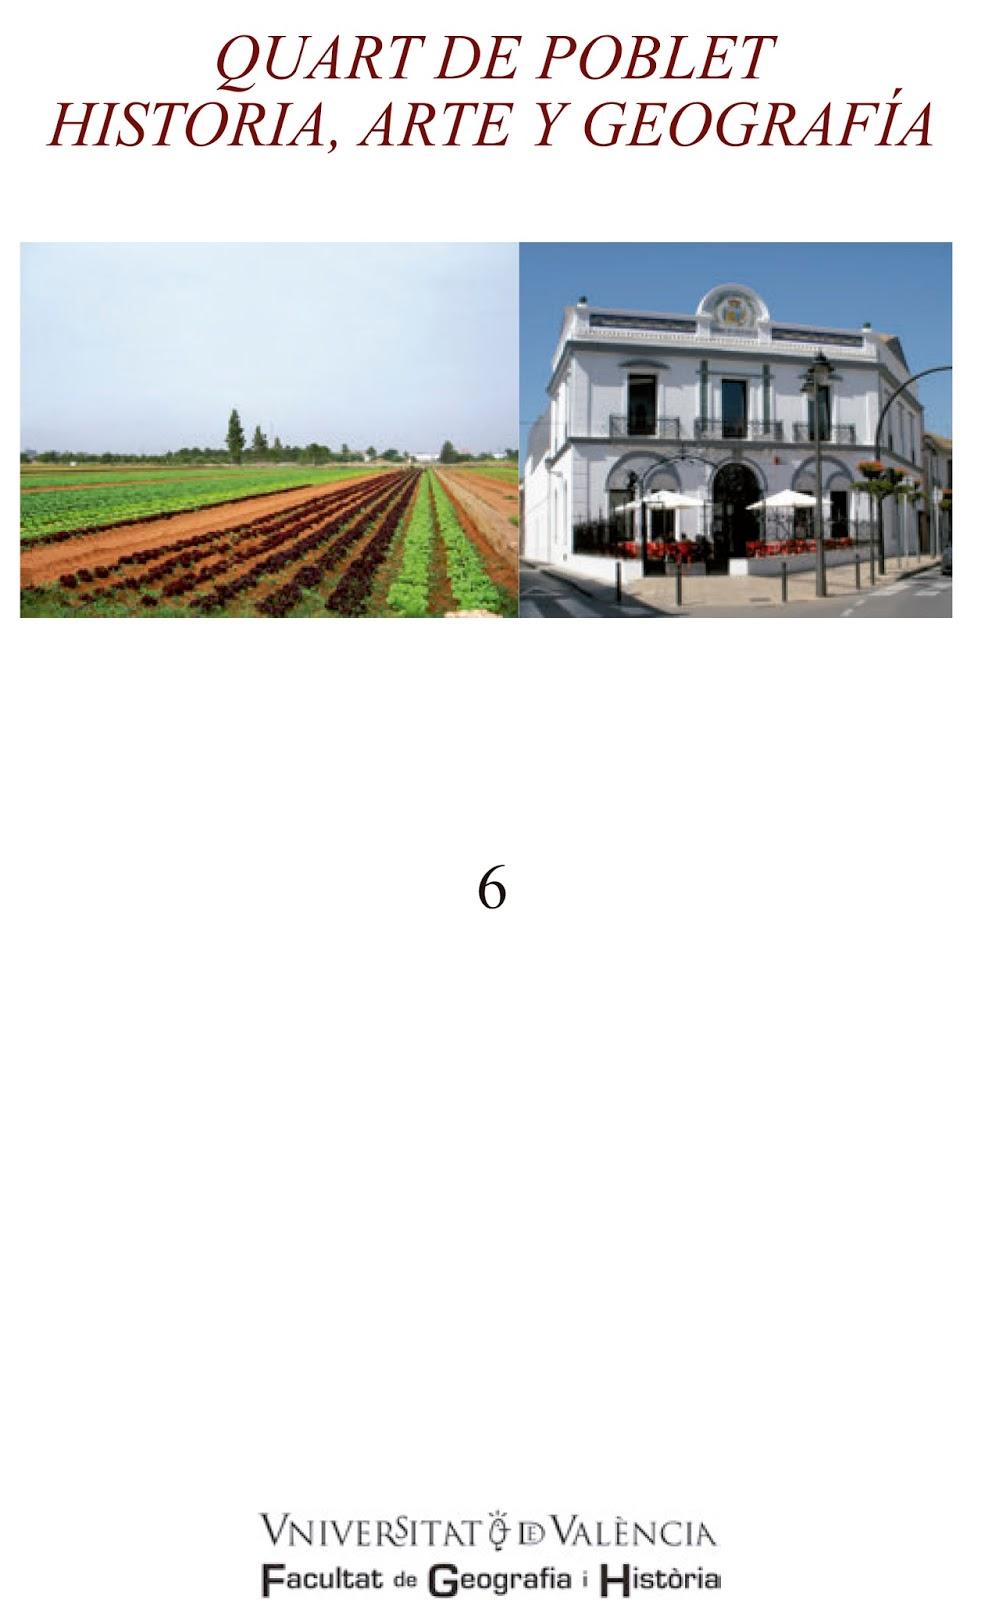 Patrimonio preindustrial patrimonioindustrialarquitectonico for Gimnasio quart de poblet